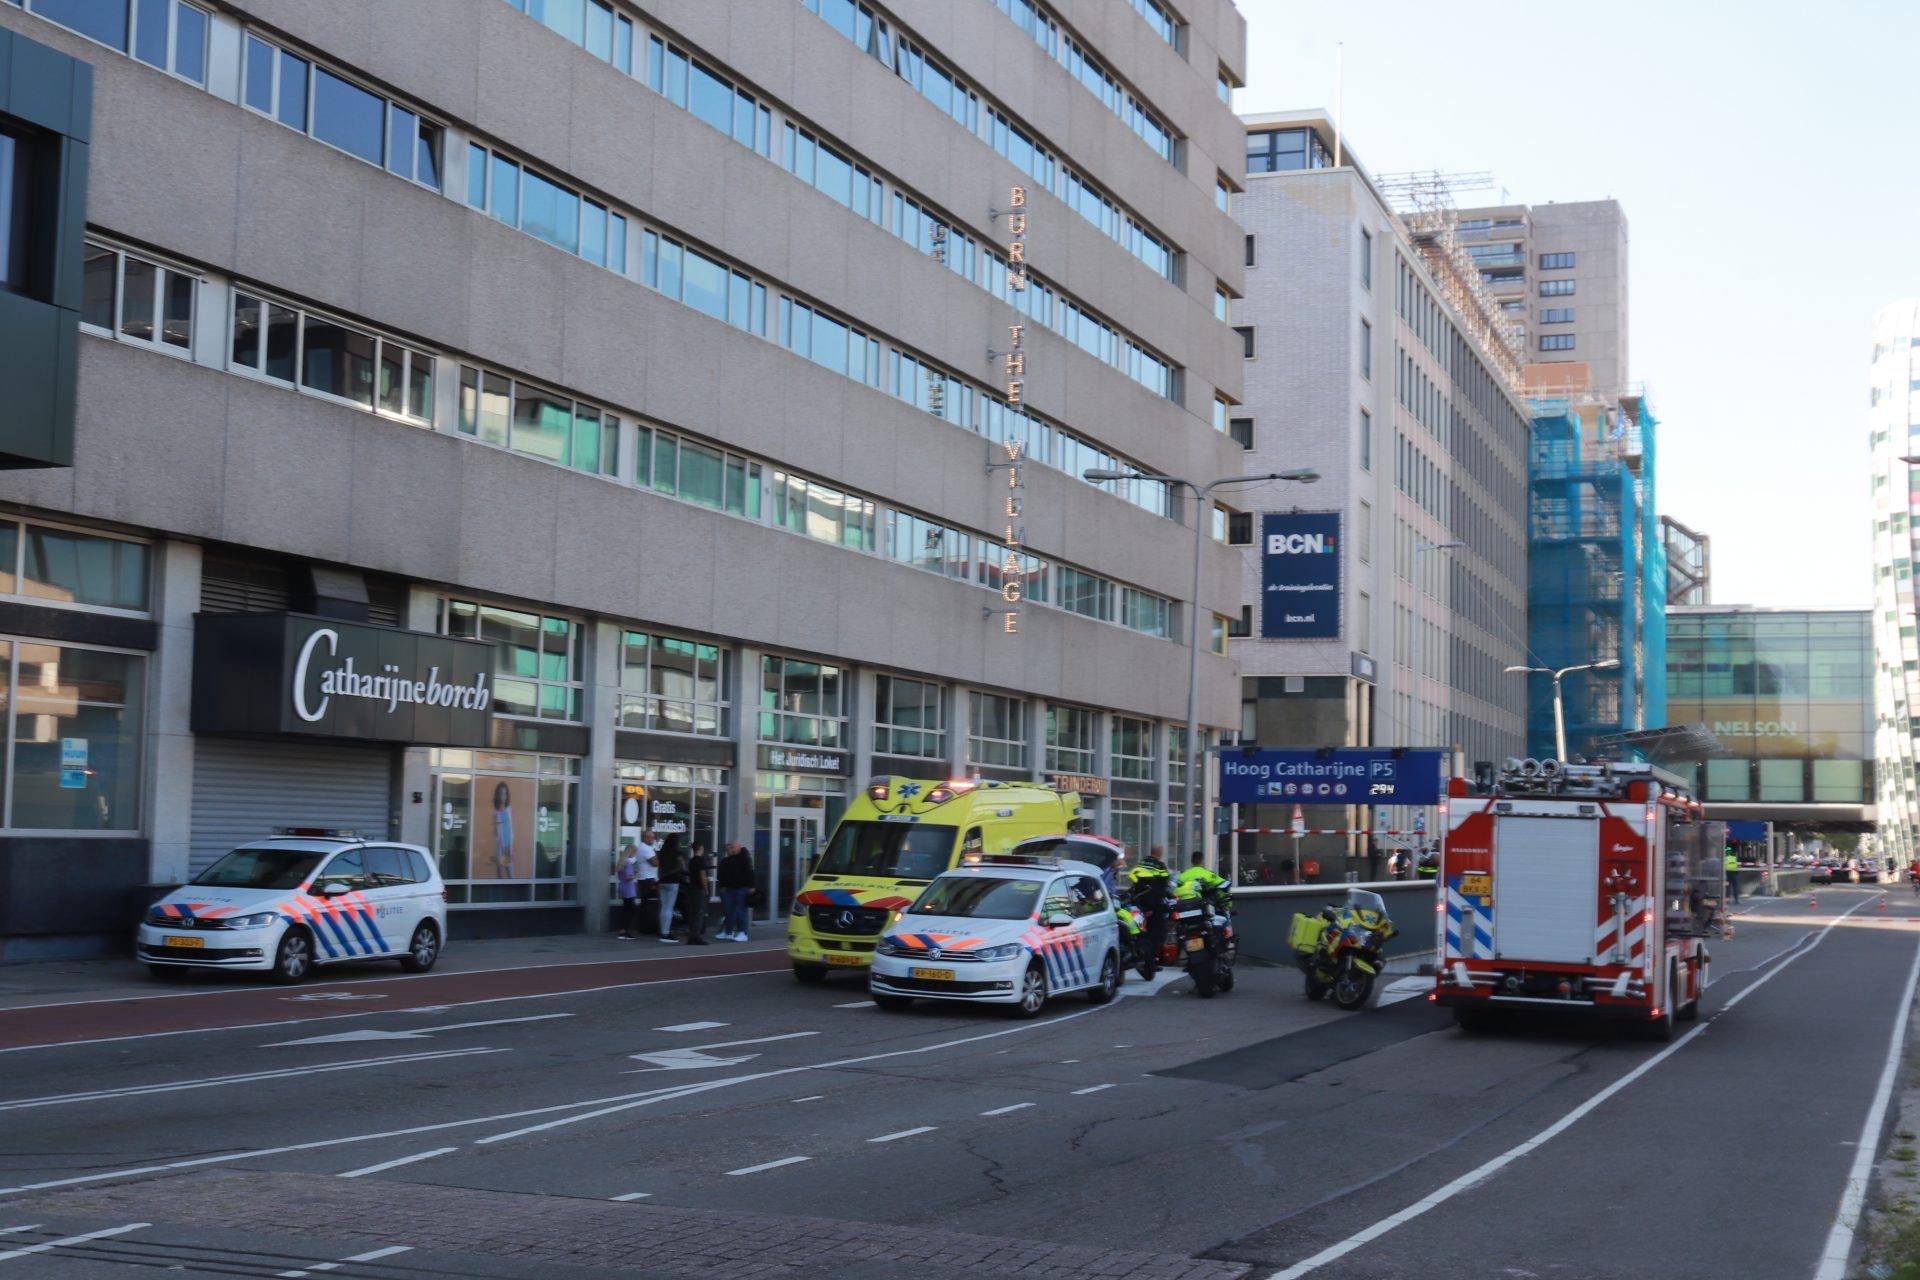 Automobilist zwaargewond bij eenzijdig ongeval in parkeergarage Hoog Catharijne.